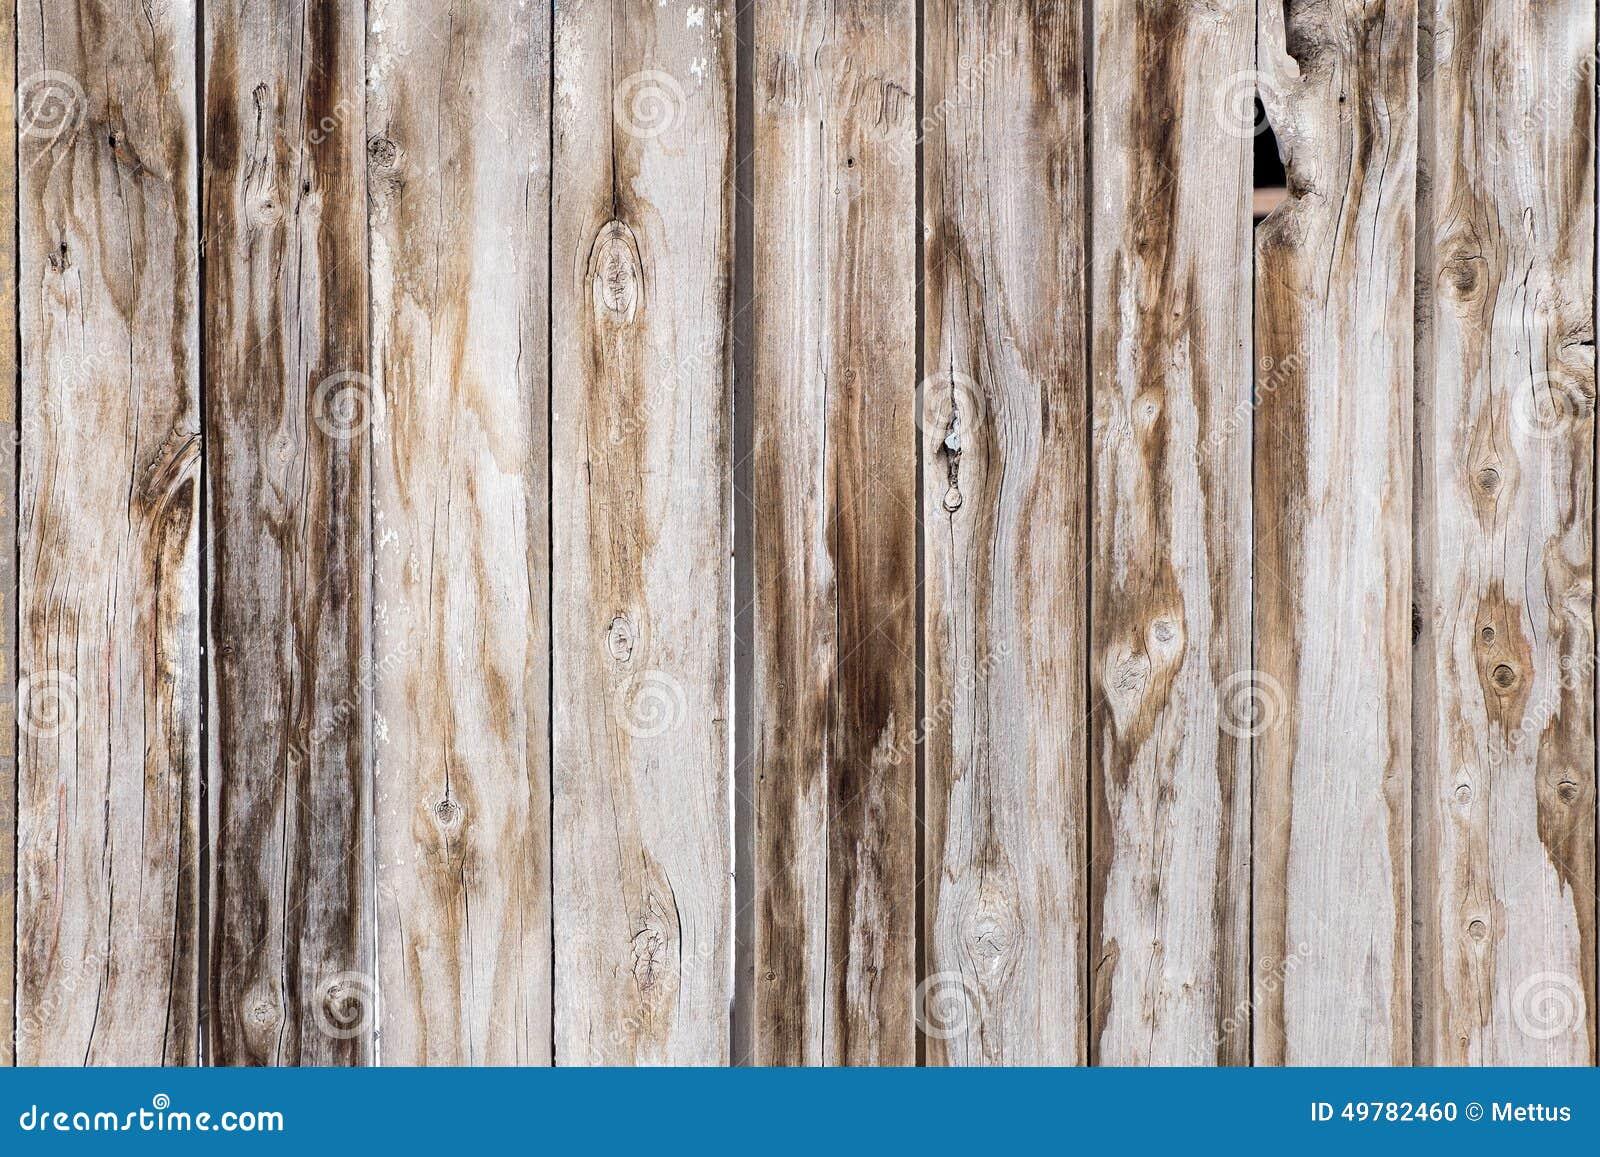 Papier Peint Vieille Planche #8: Libre De Droits